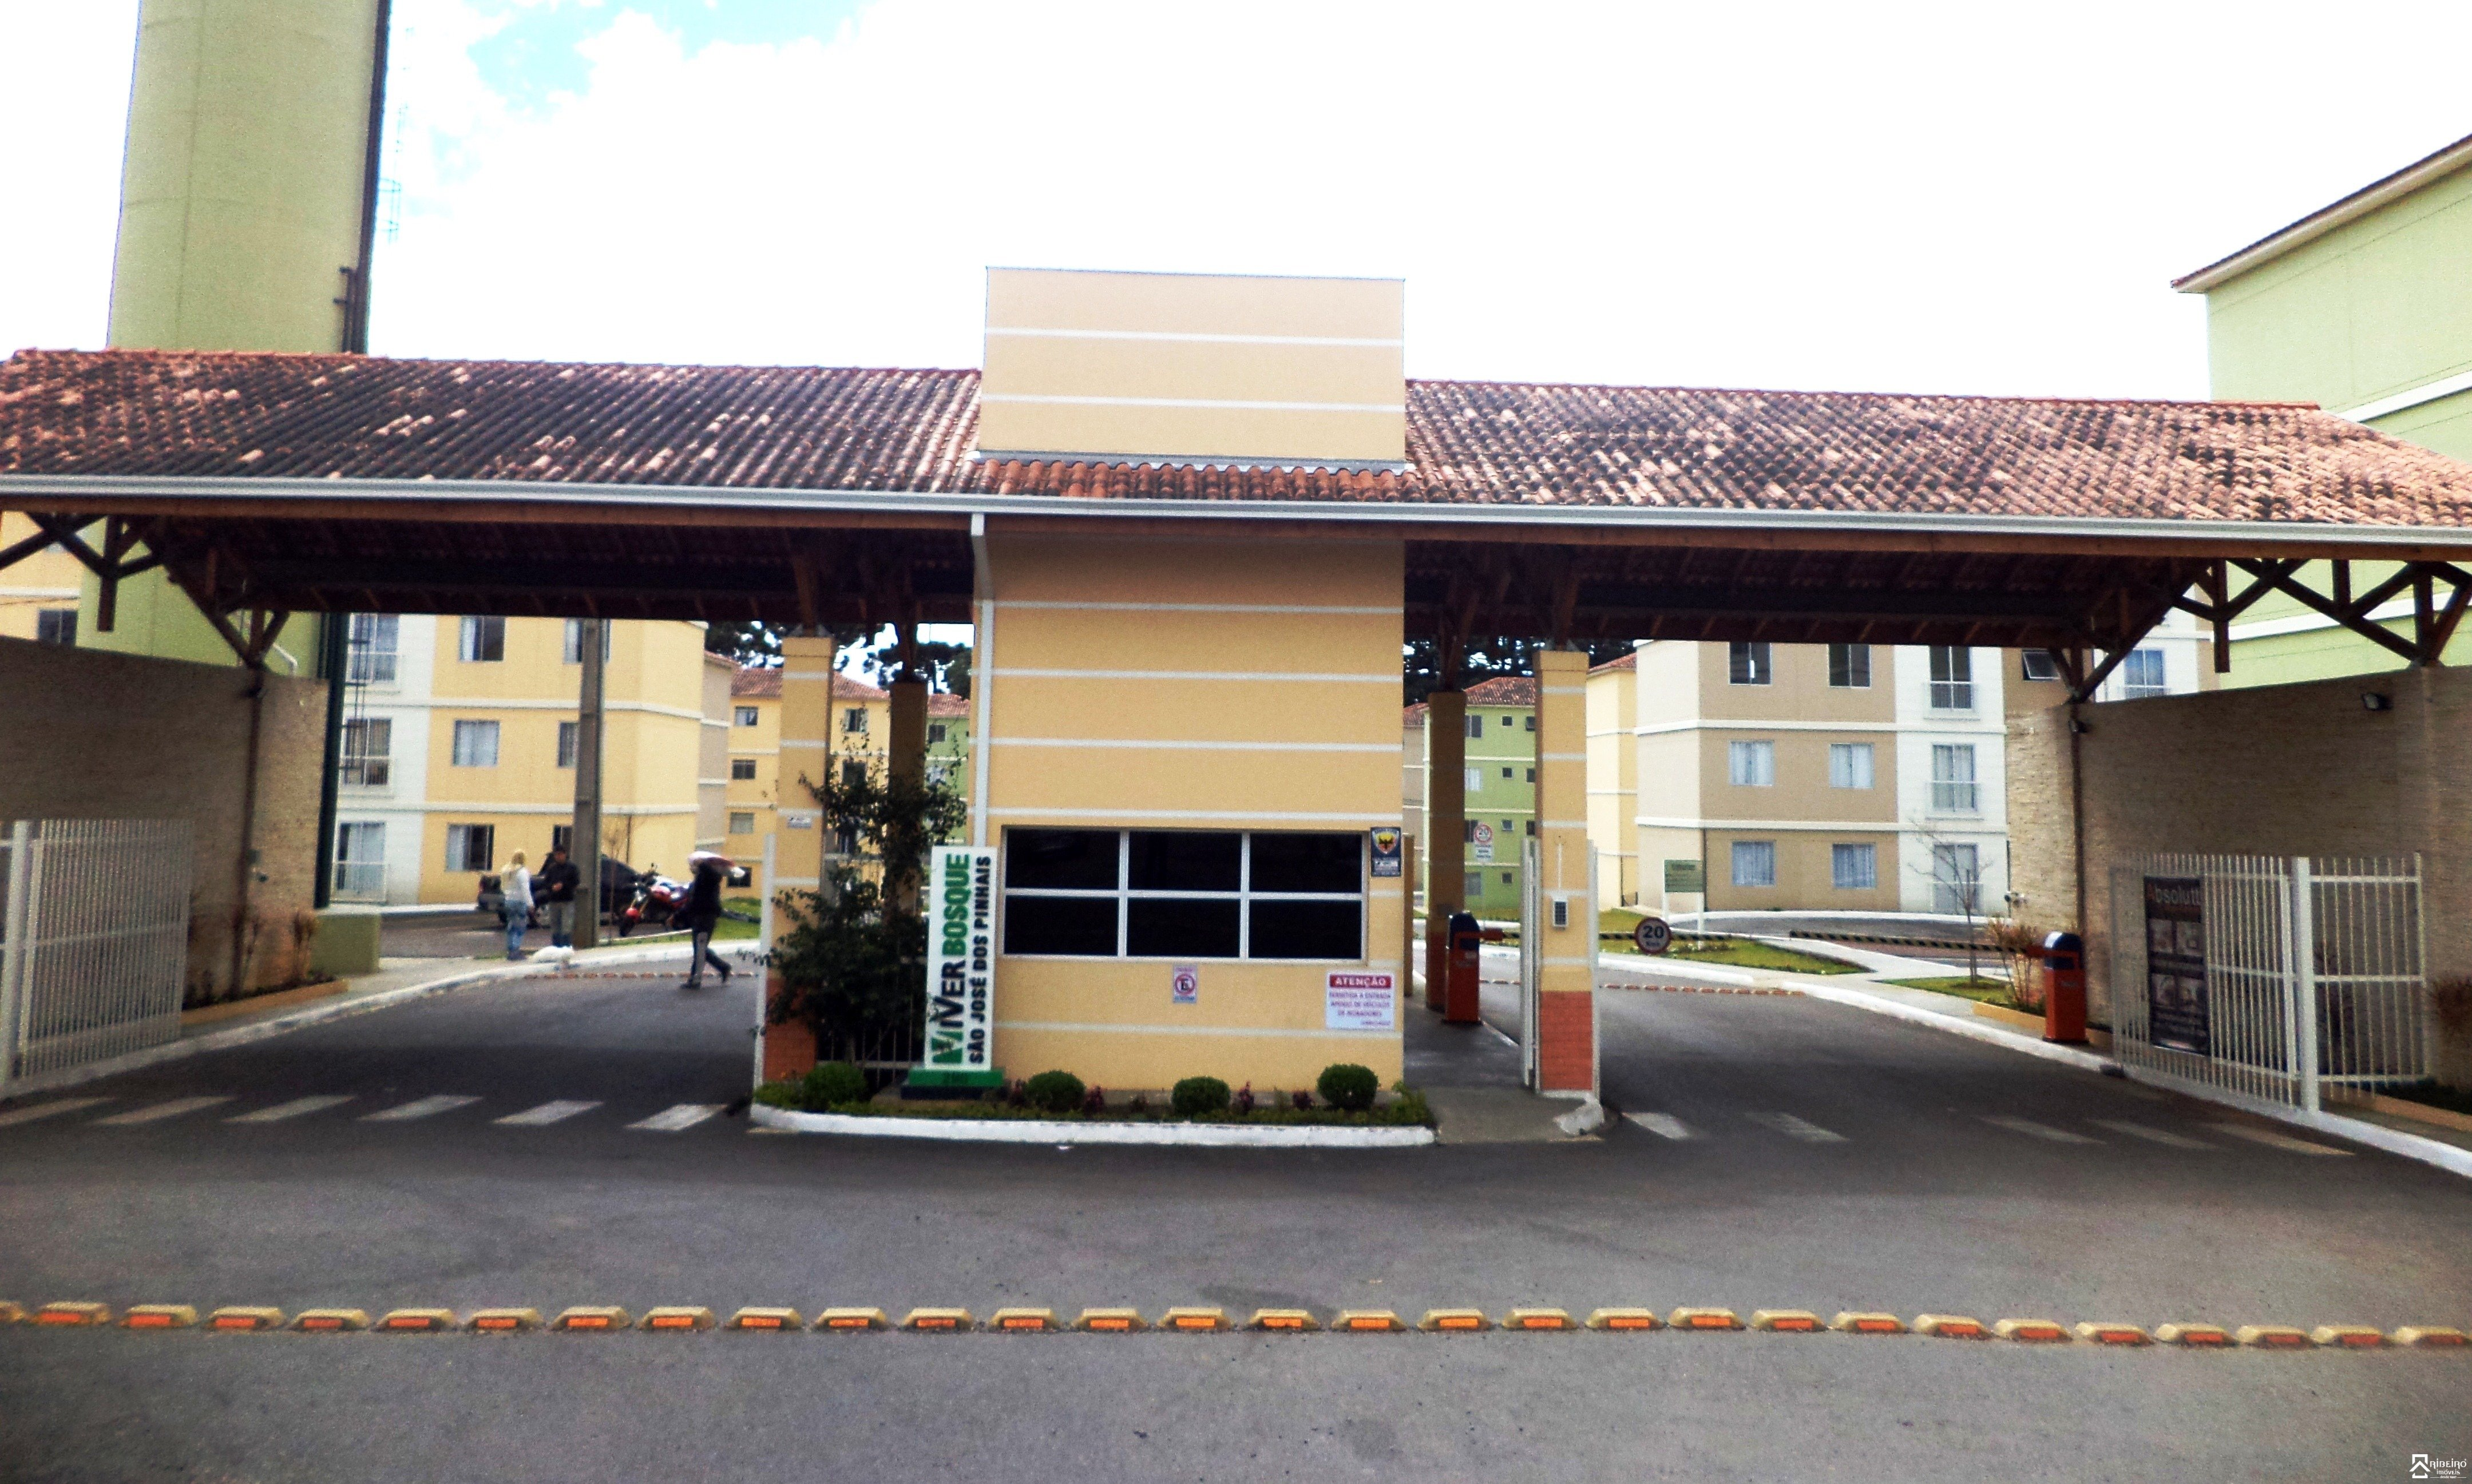 REF. 7641 -  São José Dos Pinhais - Rua  Rua Agenor Lino De Oliveira, 290 - Apto 401 - Bl 34